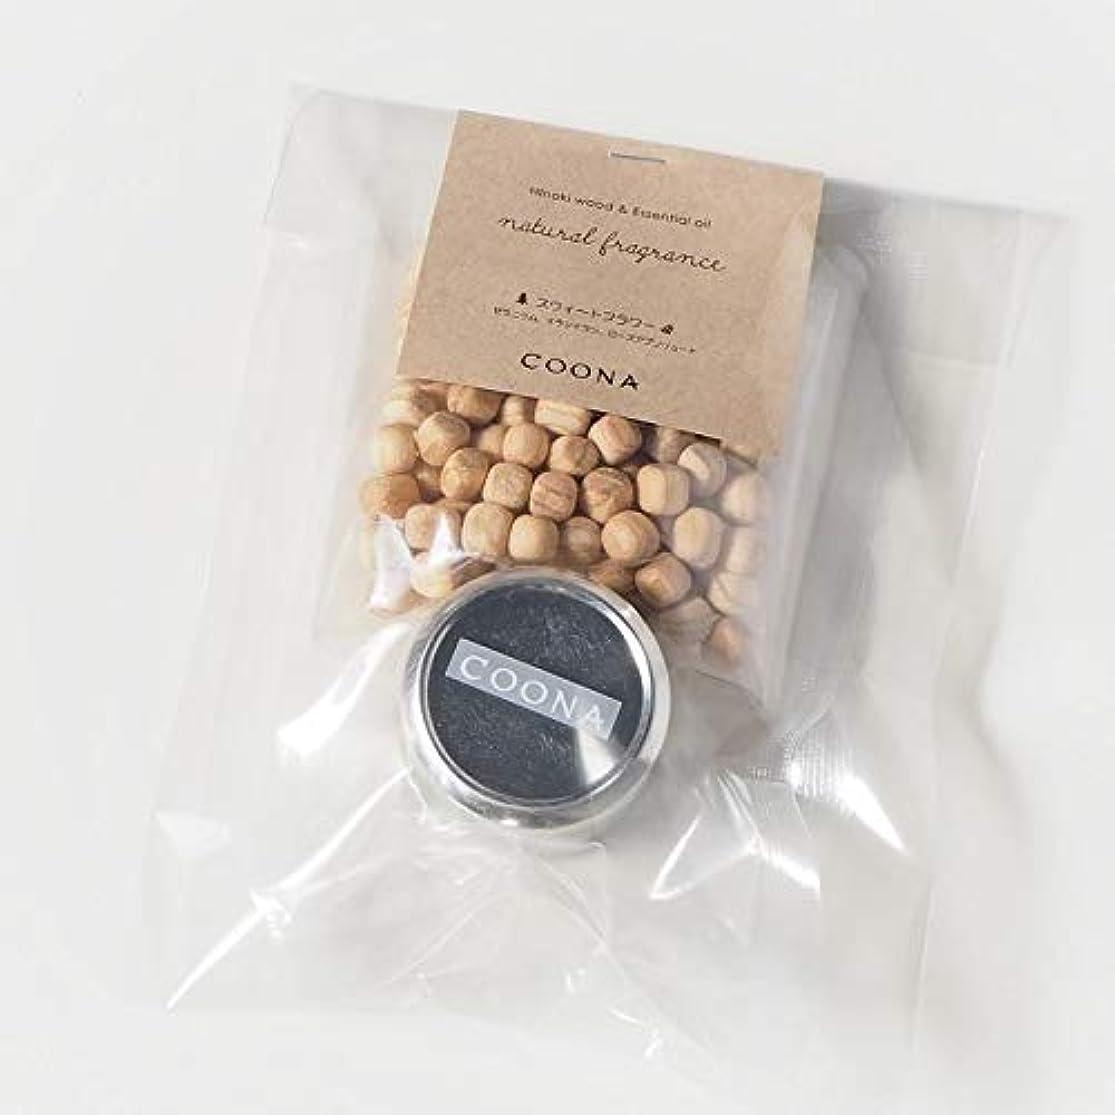 ヒノキ ウッド& エッセンシャルオイル ナチュラルフレグランス (メタル缶付き, 樹の香り)